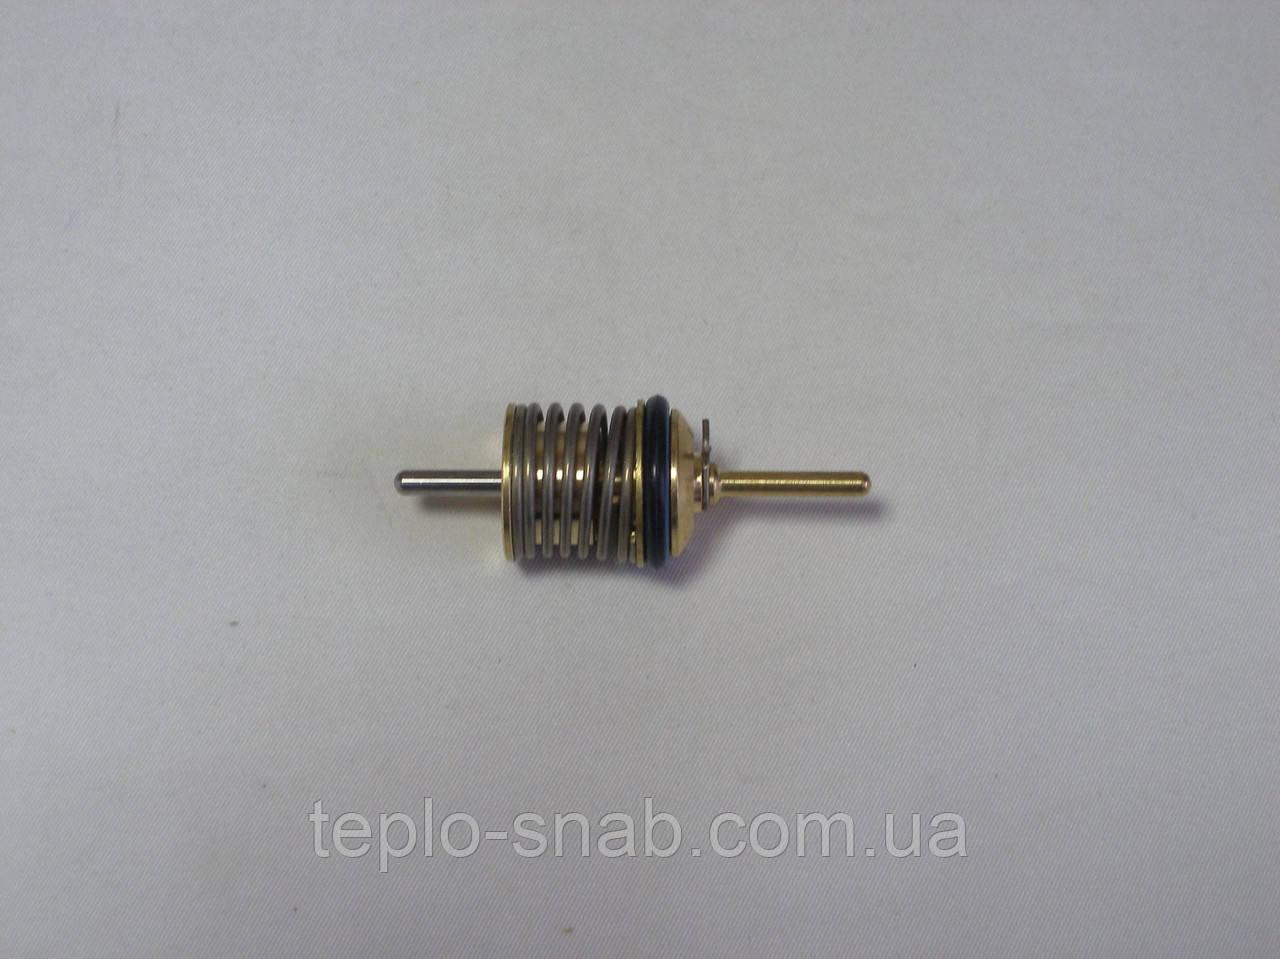 Затвор 3-х ходового клапана ГВС (шток с клапаном) Westen Pulsar; Baxi Eco 3 Compact, Baxi Luna, Baxi Luna Max.. 600760